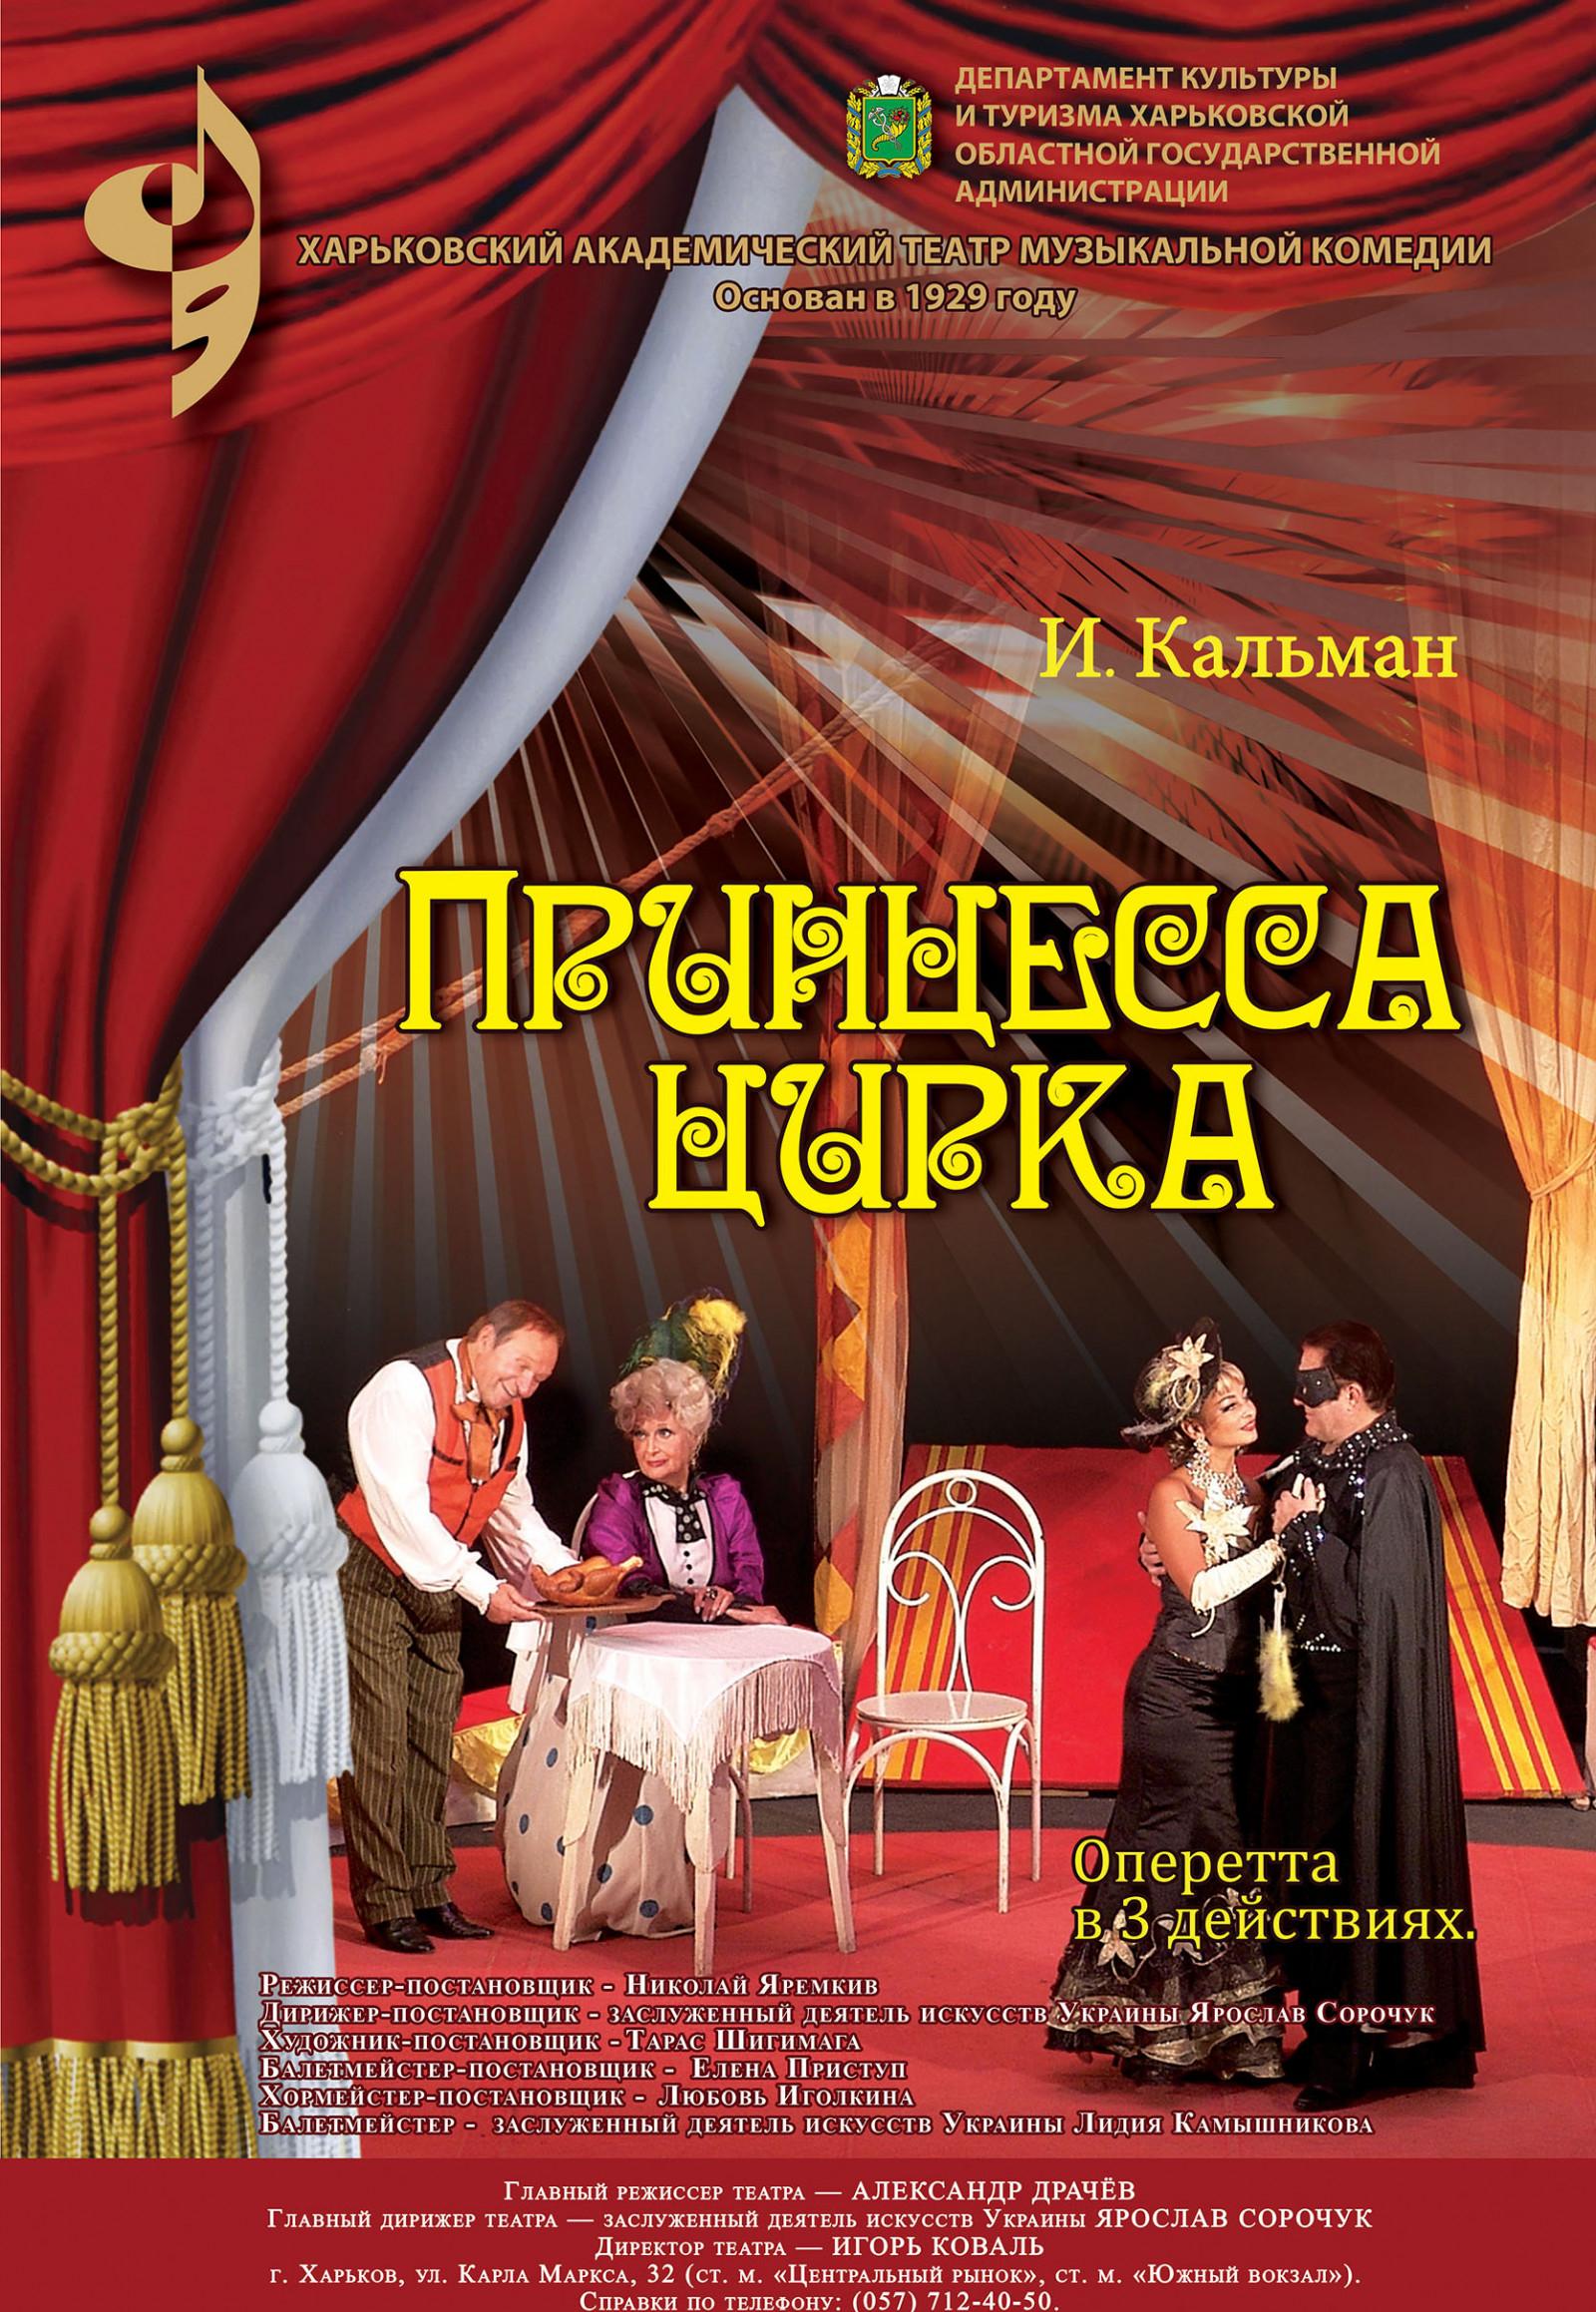 Театр музыкальный купить билет театр афиша драматический самара